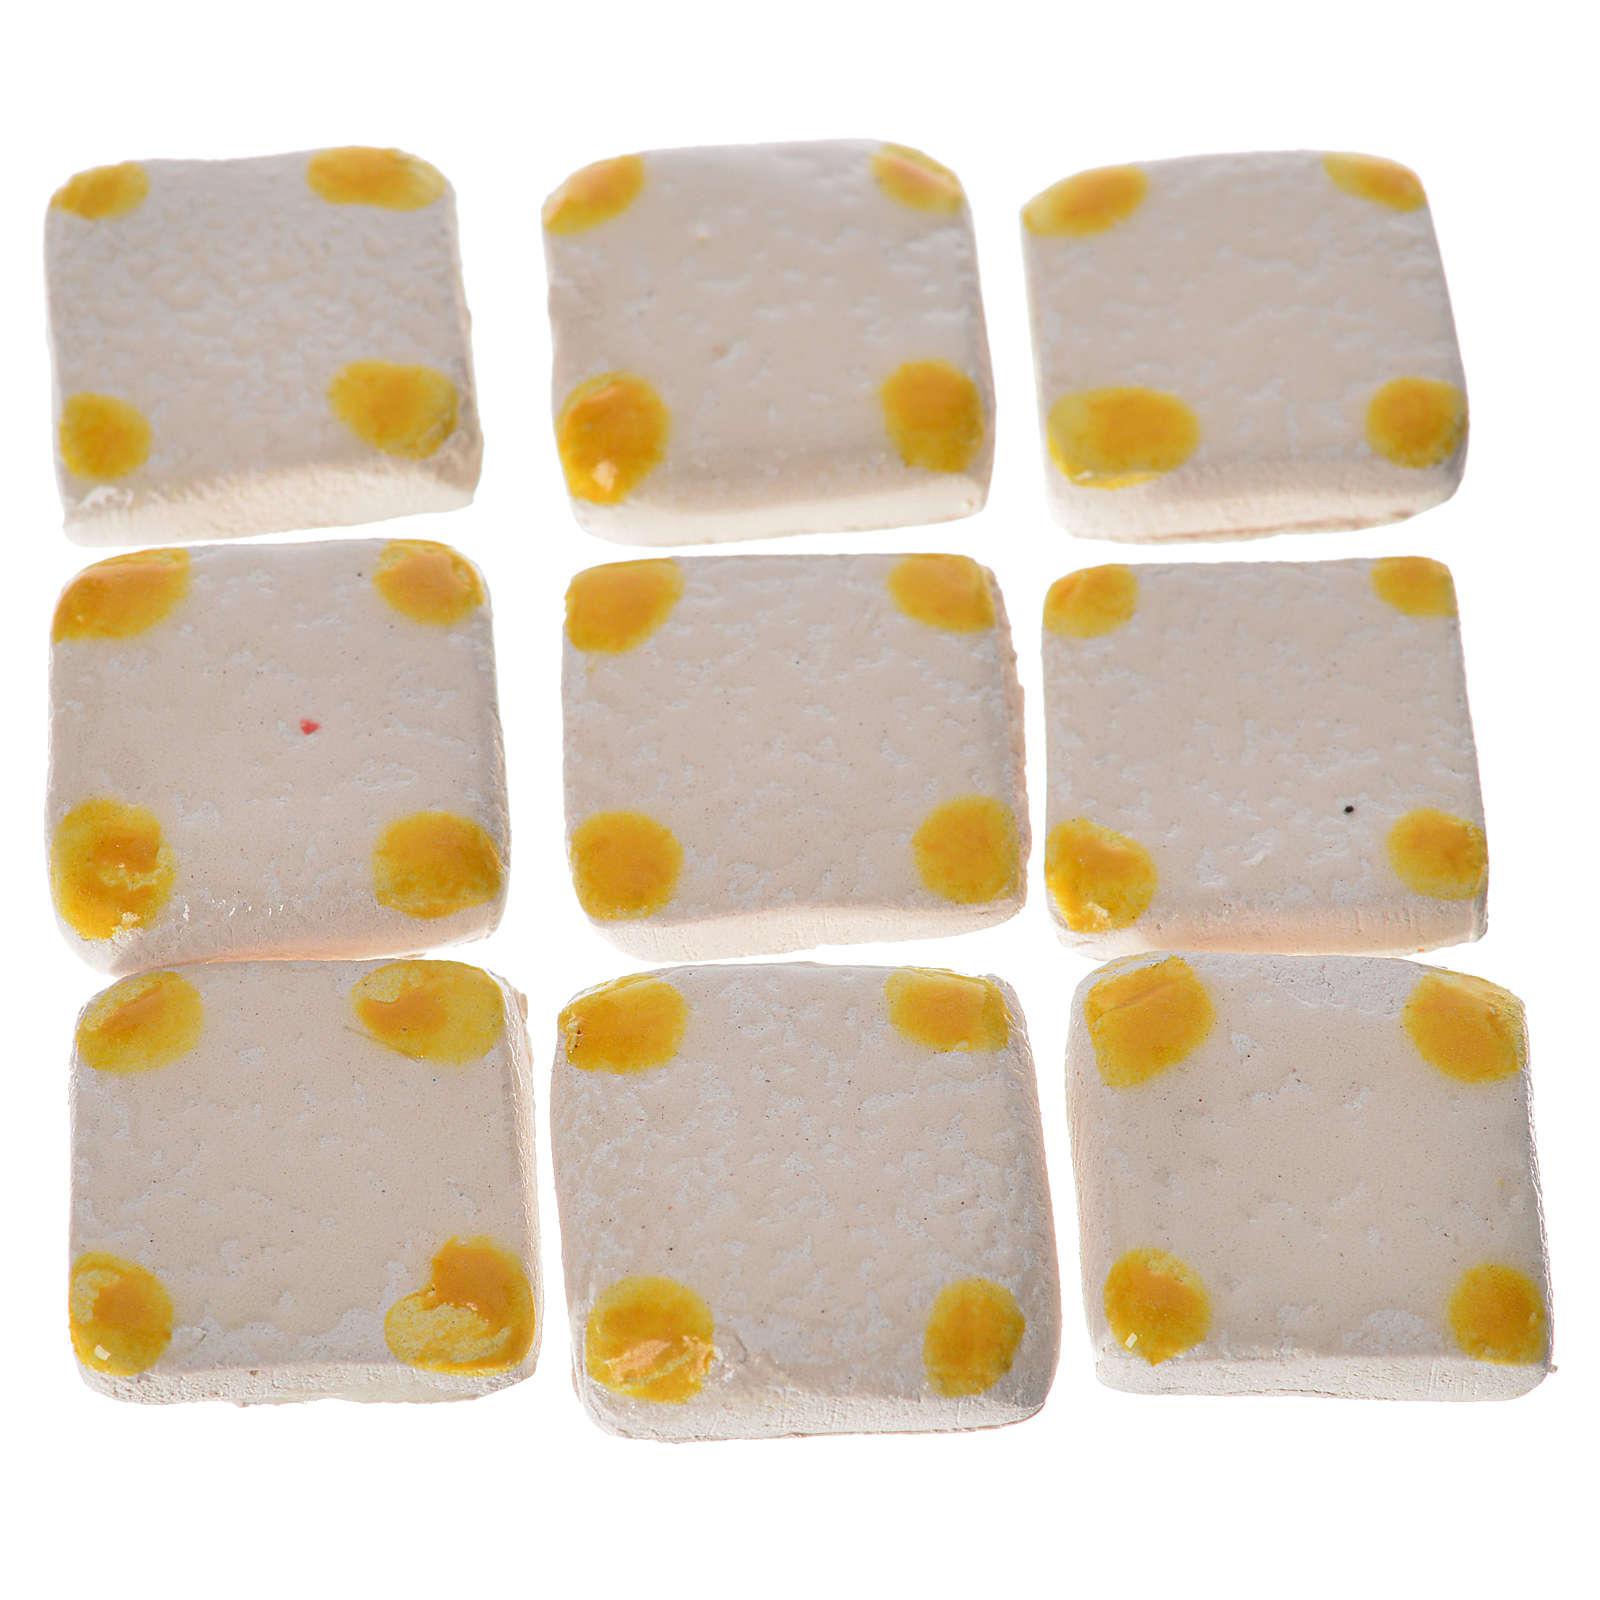 Azulejos de terracota esmaltada, 60pz puntos amarillos 4